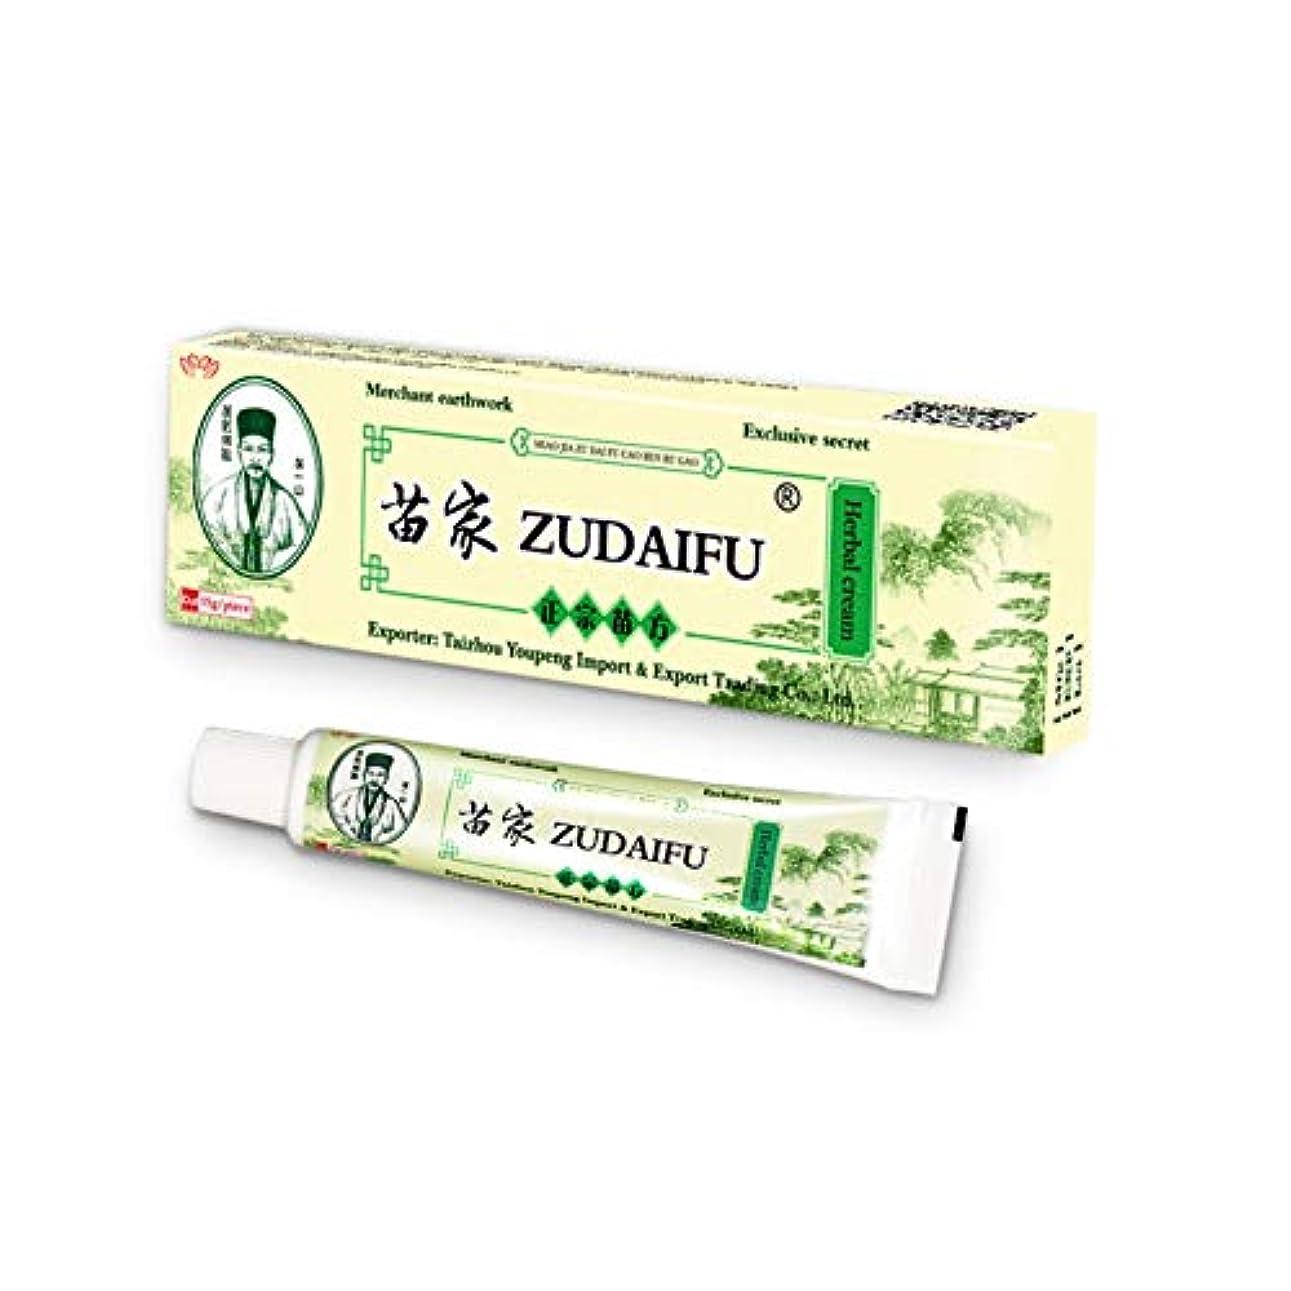 第九空気デンプシー植物ハーブ 軟膏 漢方薬 天然植物成分 抗菌クリーム かゆみ 湿疹 皮膚炎 痛み対策 Ammbous